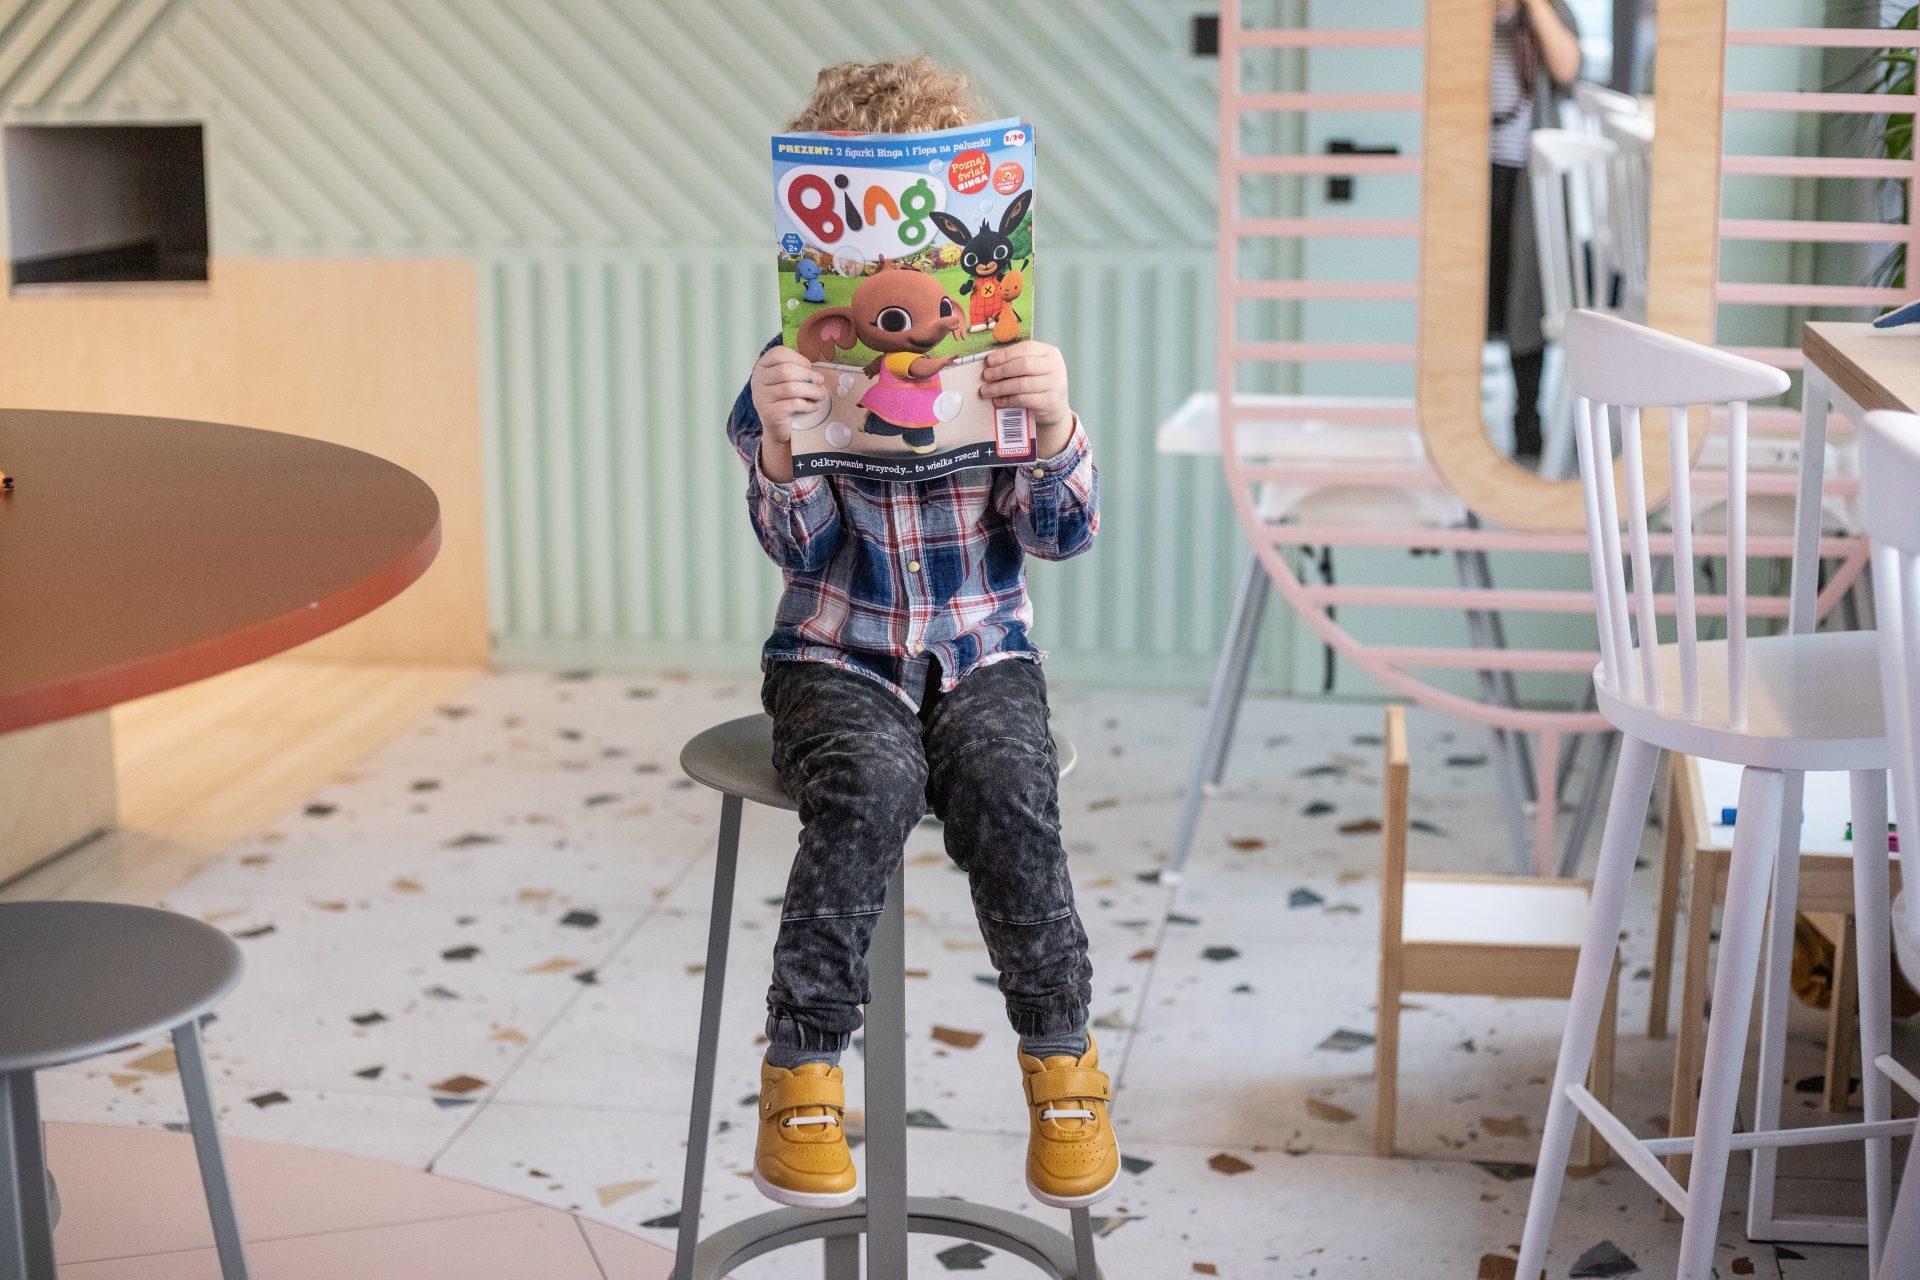 Najfajniejszy magazyn dla dzieci Bing – nauka i zabawa